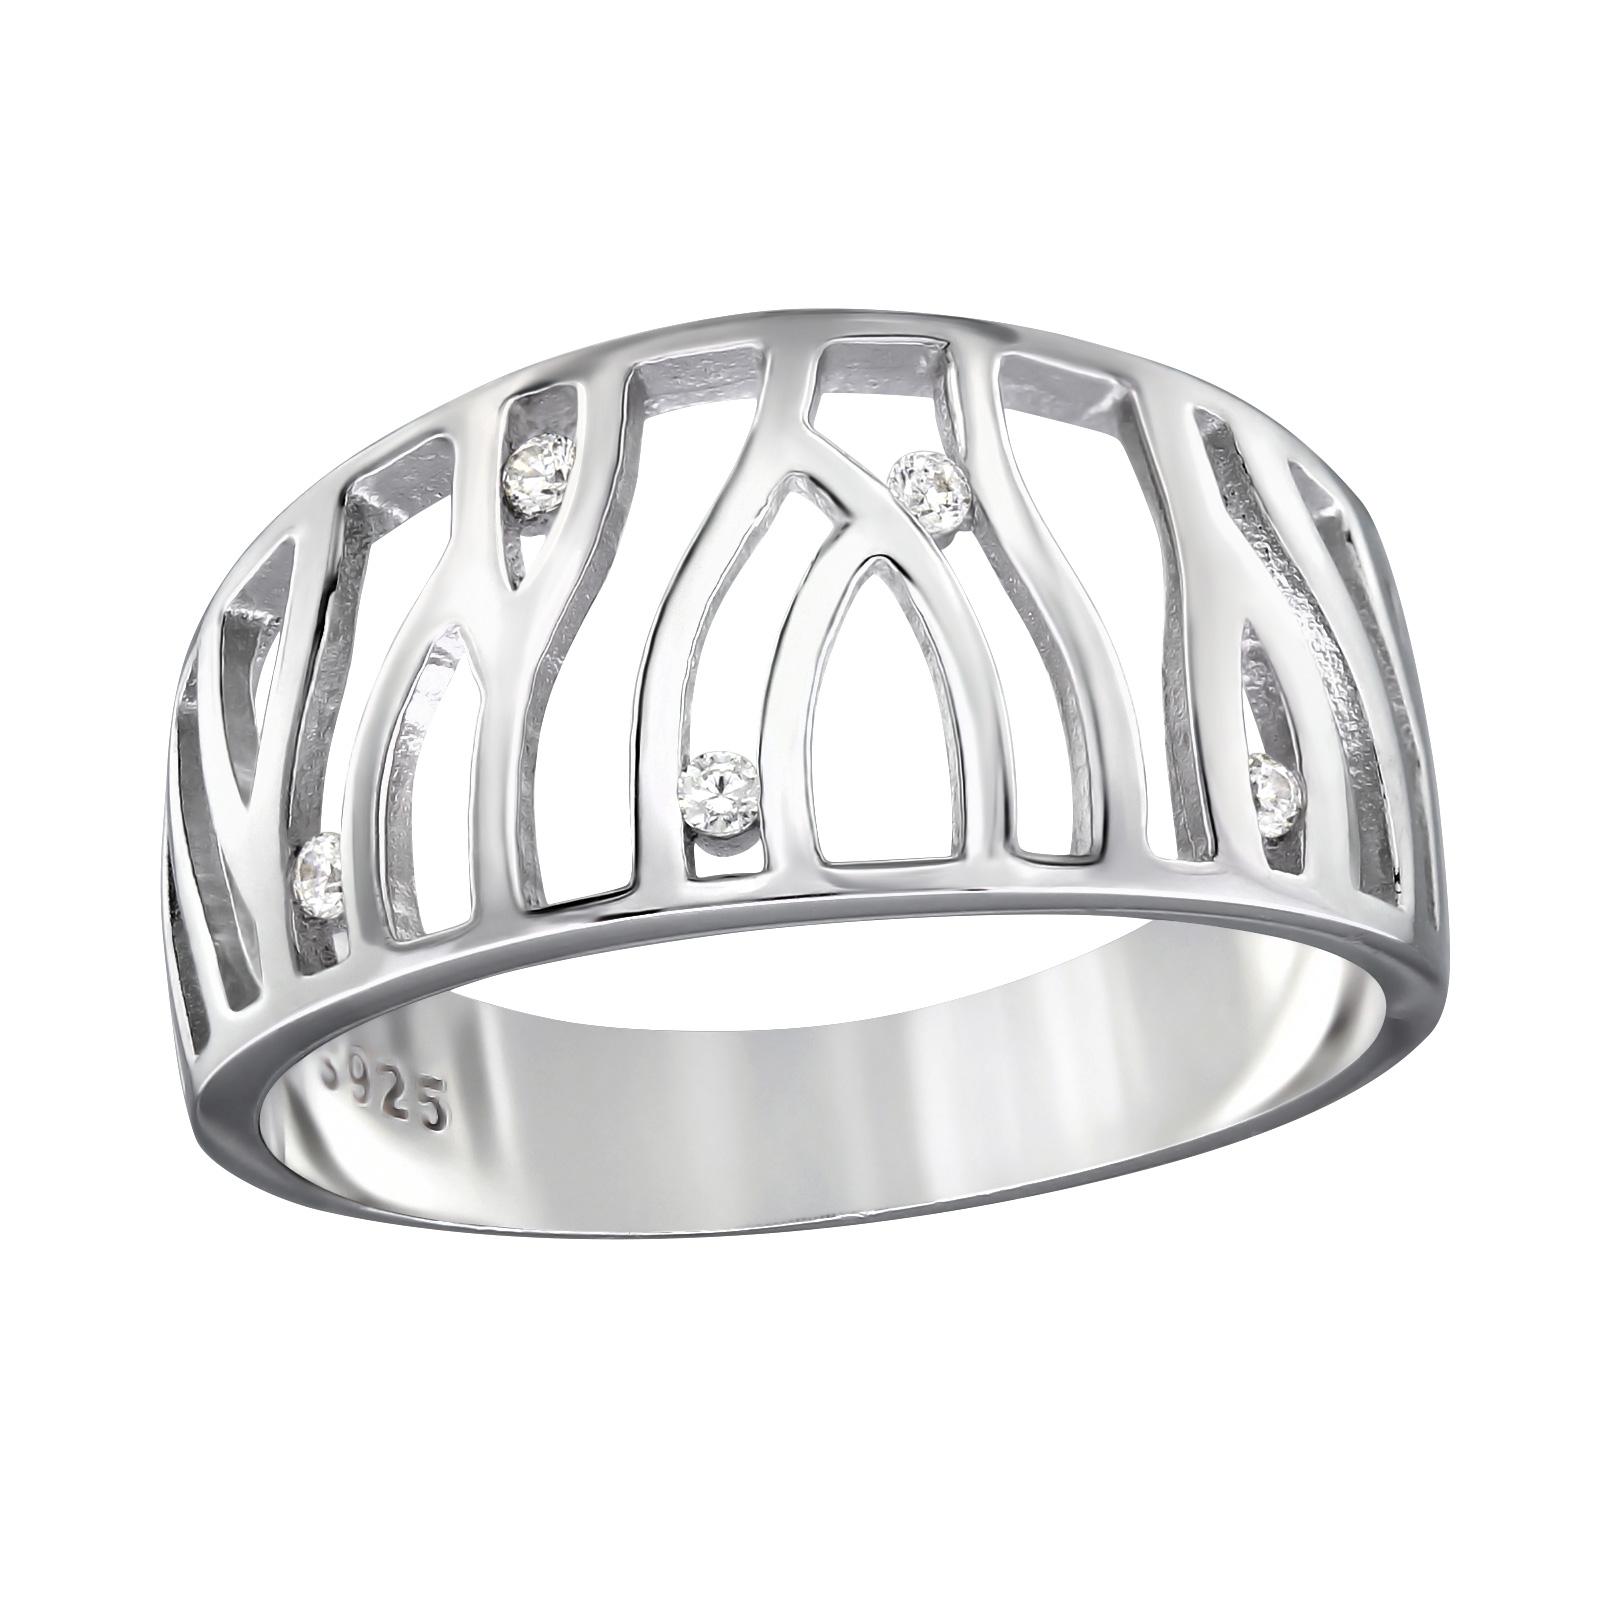 OLIVIE - stříbrný prsten 0203 Velikost: 7 (EU: 54 - 56)